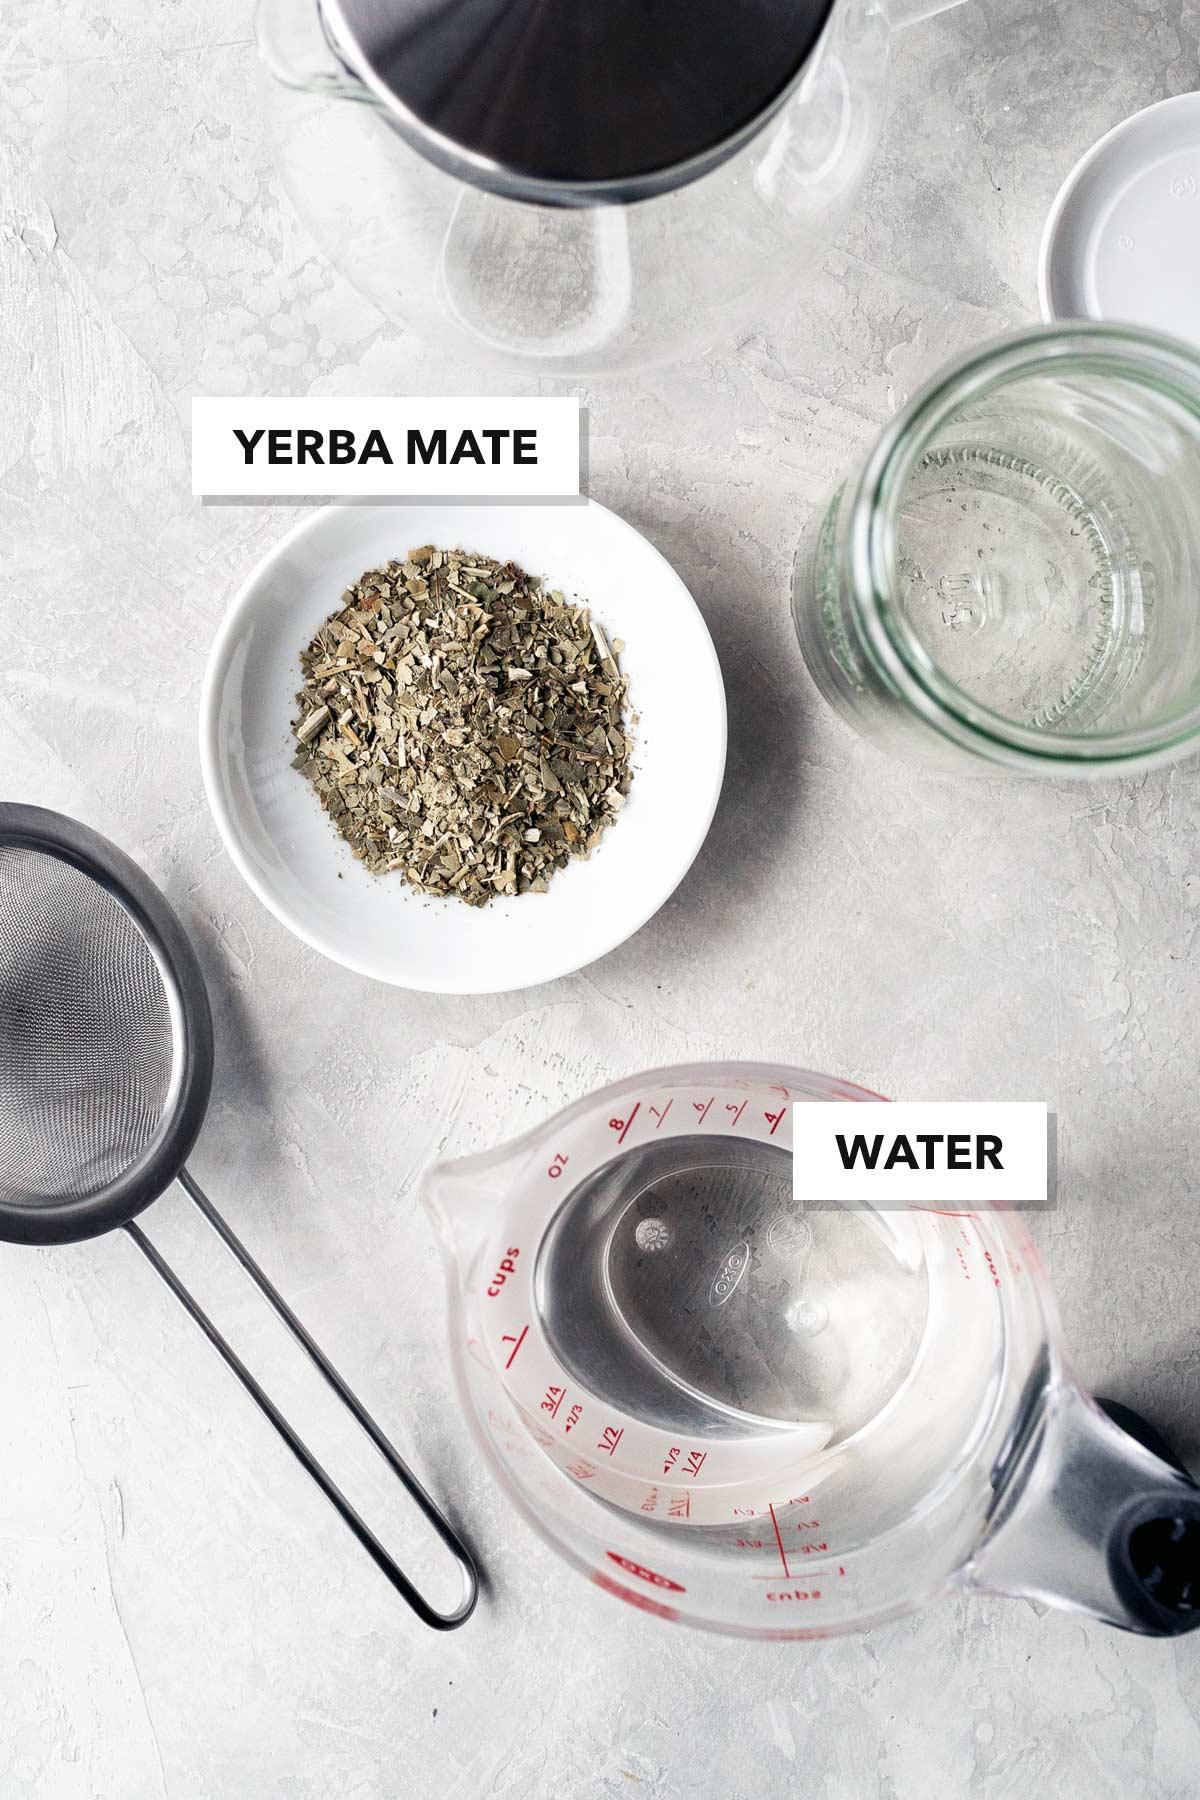 Yerba mate tea ingredients.